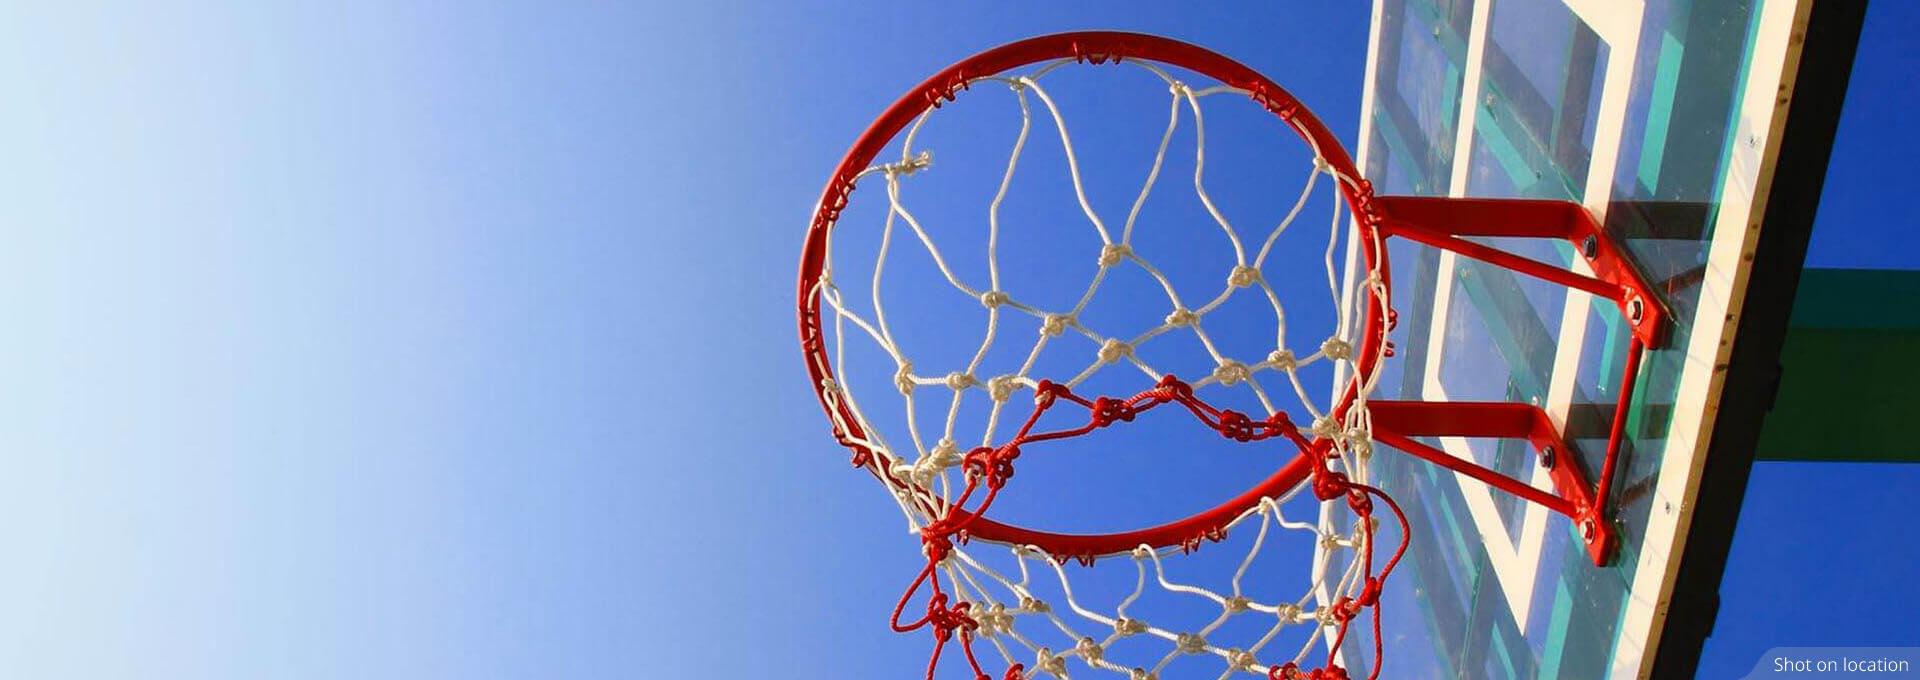 loftline thaiyur basketball